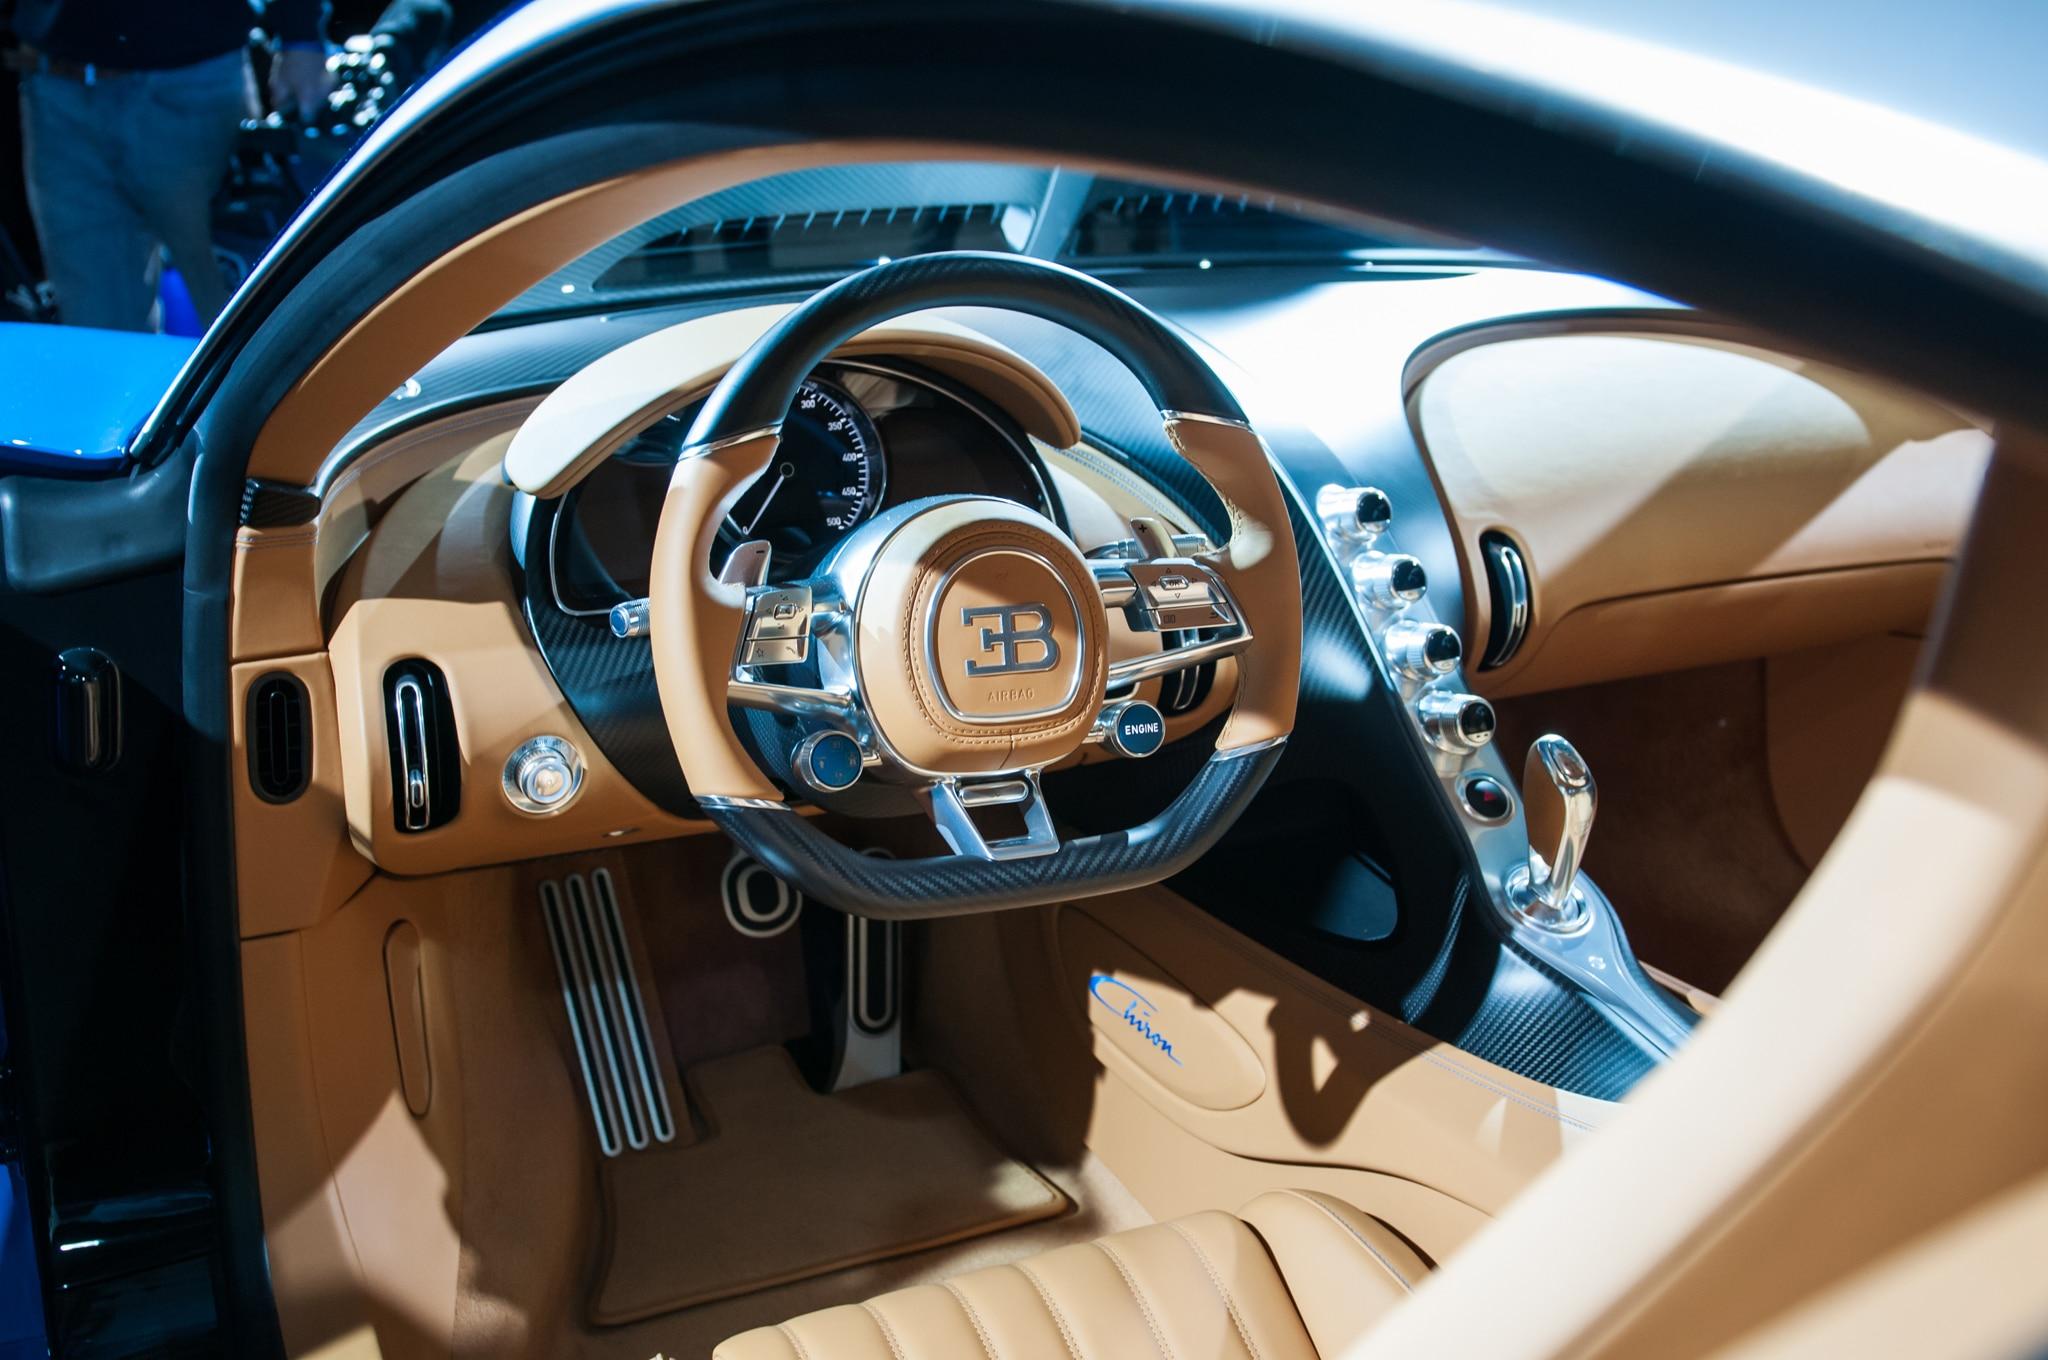 2018 bugatti interior. fine 2018 underneath  in 2018 bugatti interior e